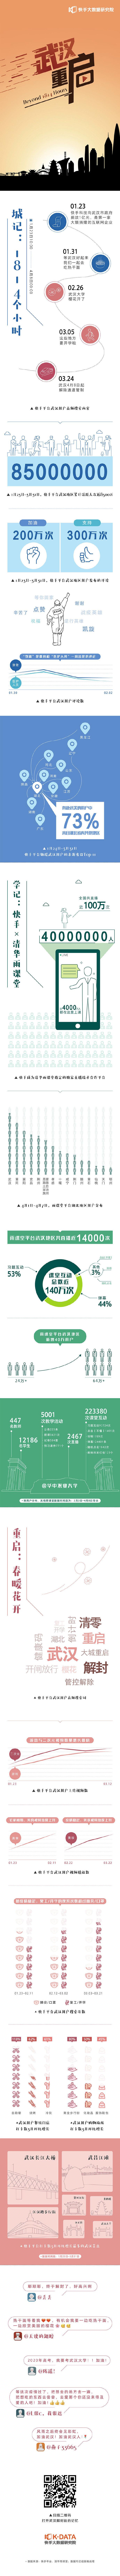 快手大数据研究院用数据讲述封城期间的武汉故事